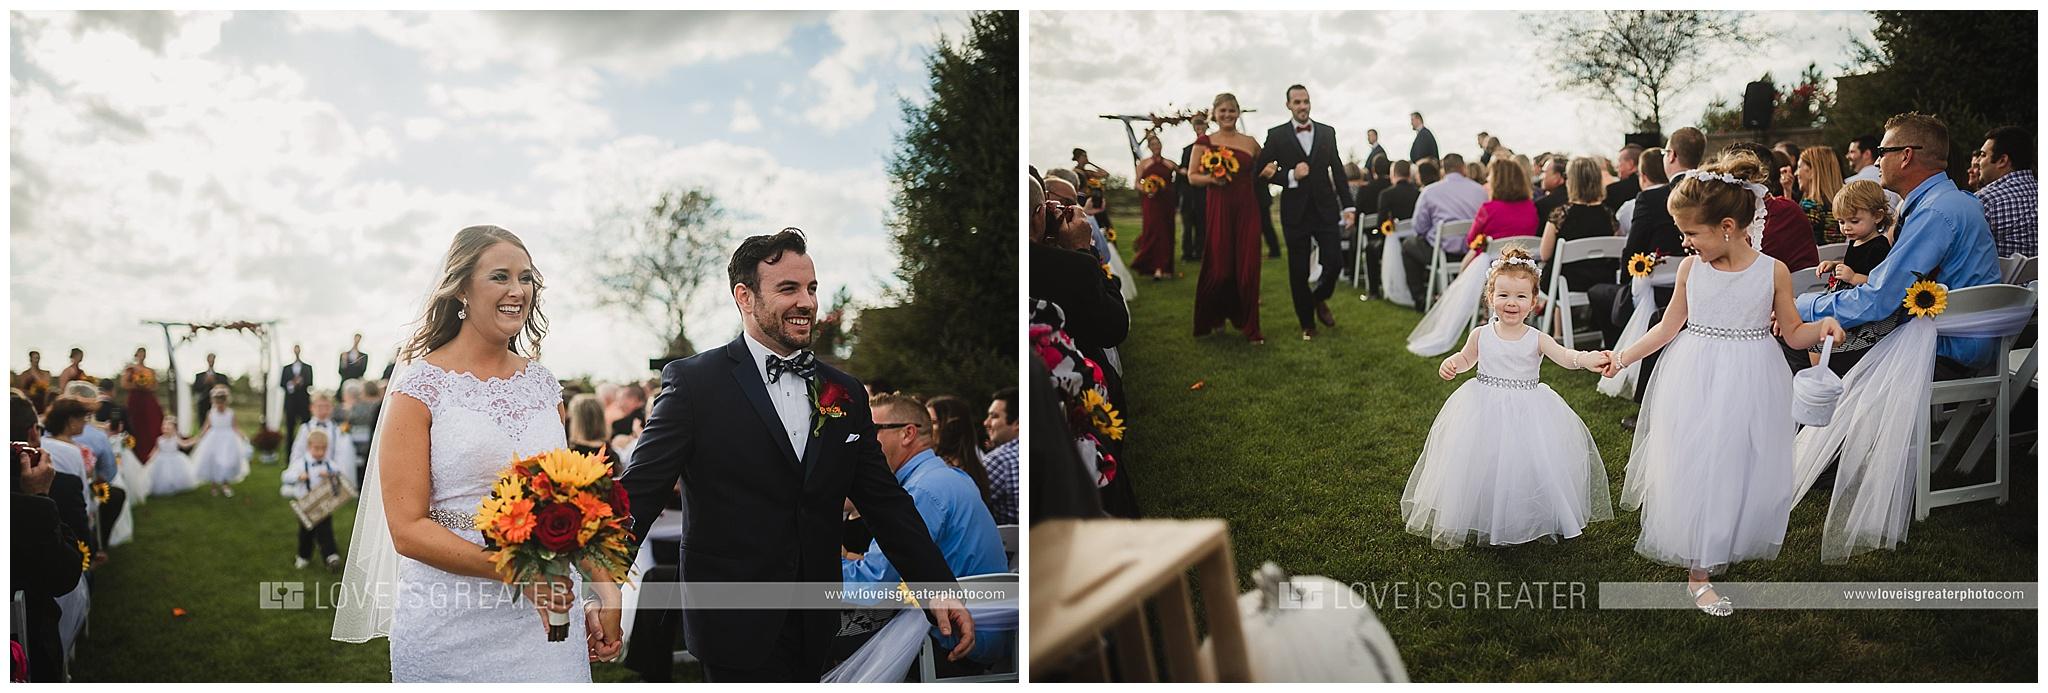 toledo-wedding-photographer_0157